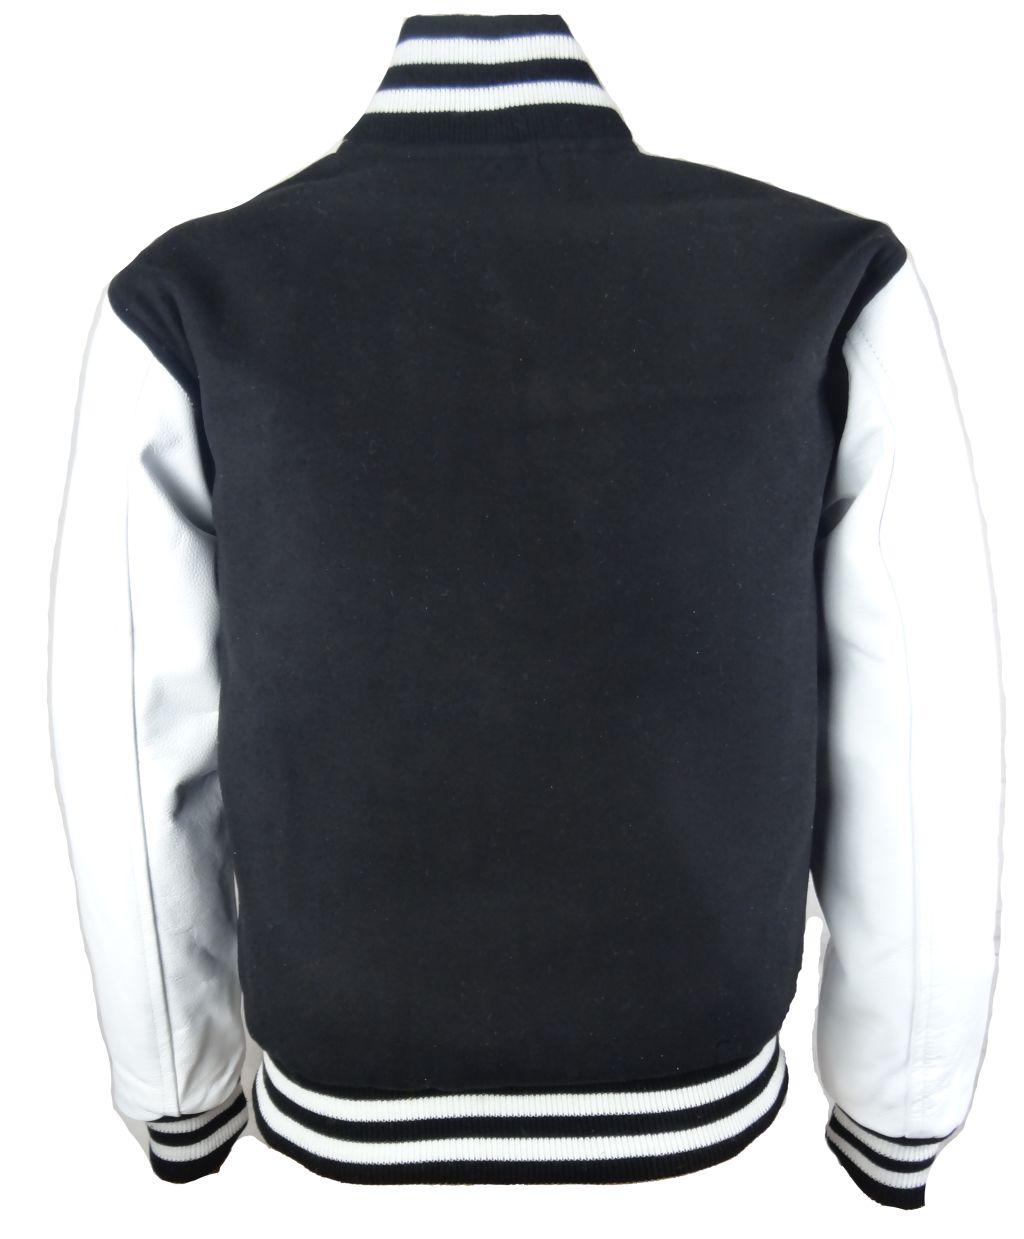 Herren College Jacke Sweat Jacke Leder Schwarz-Weiß S - 5 XL